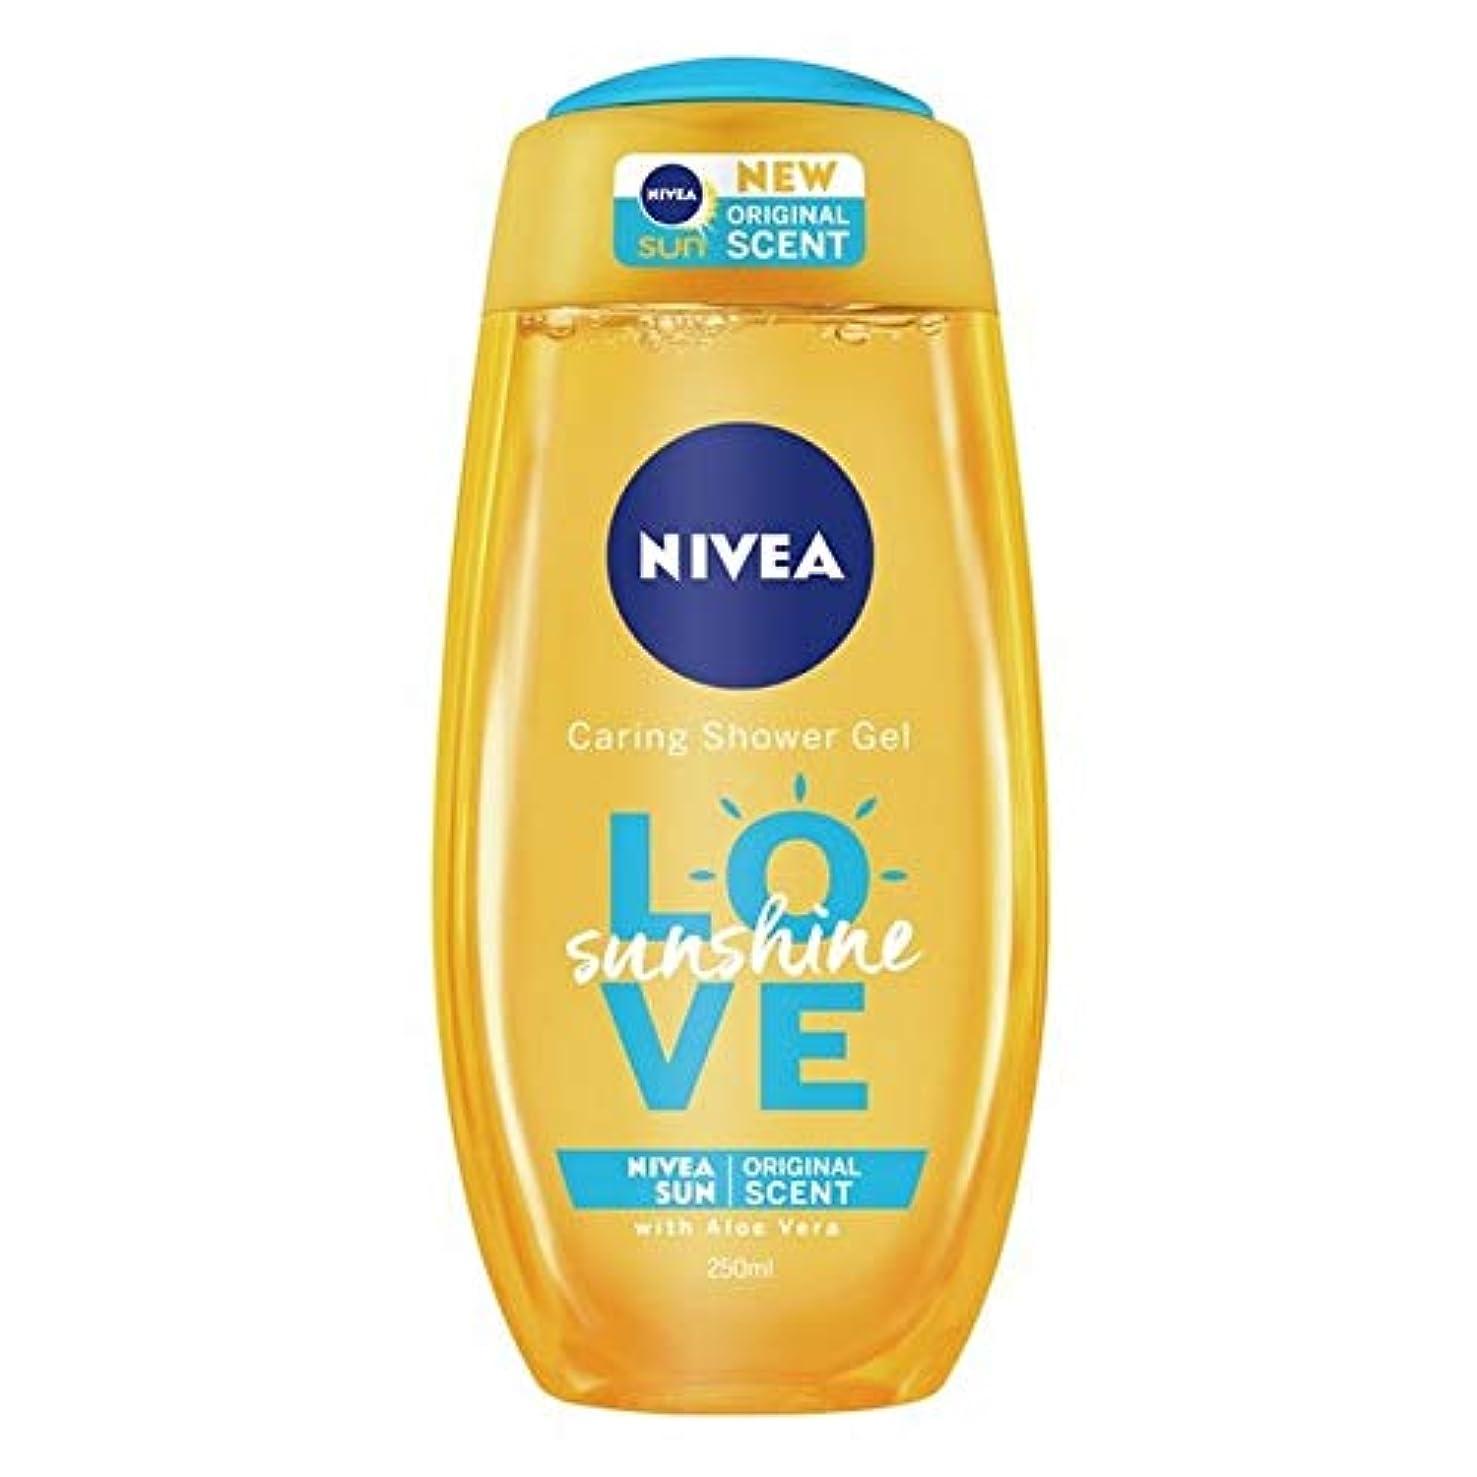 終了する公実際[Nivea ] ニベアの日差しは、思いやりのシャワージェル250ミリリットルを愛します - Nivea Sunshine Love Caring Shower Gel 250ml [並行輸入品]